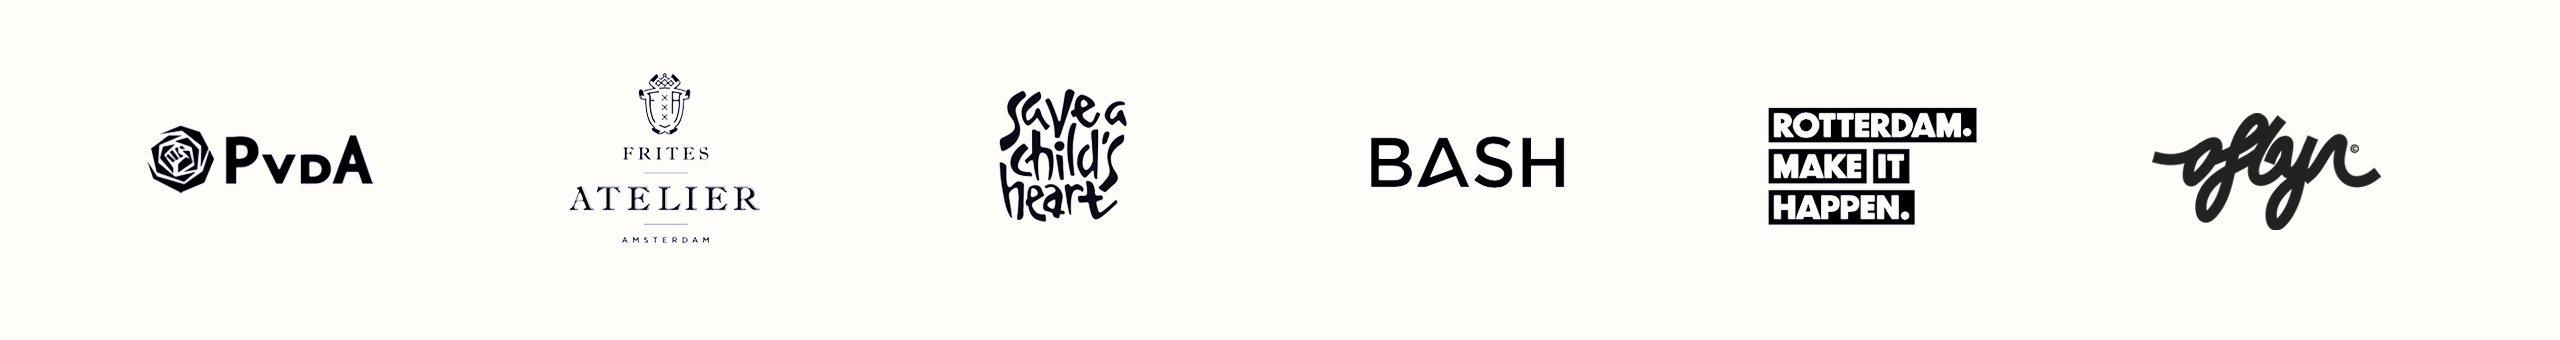 logos123kopie